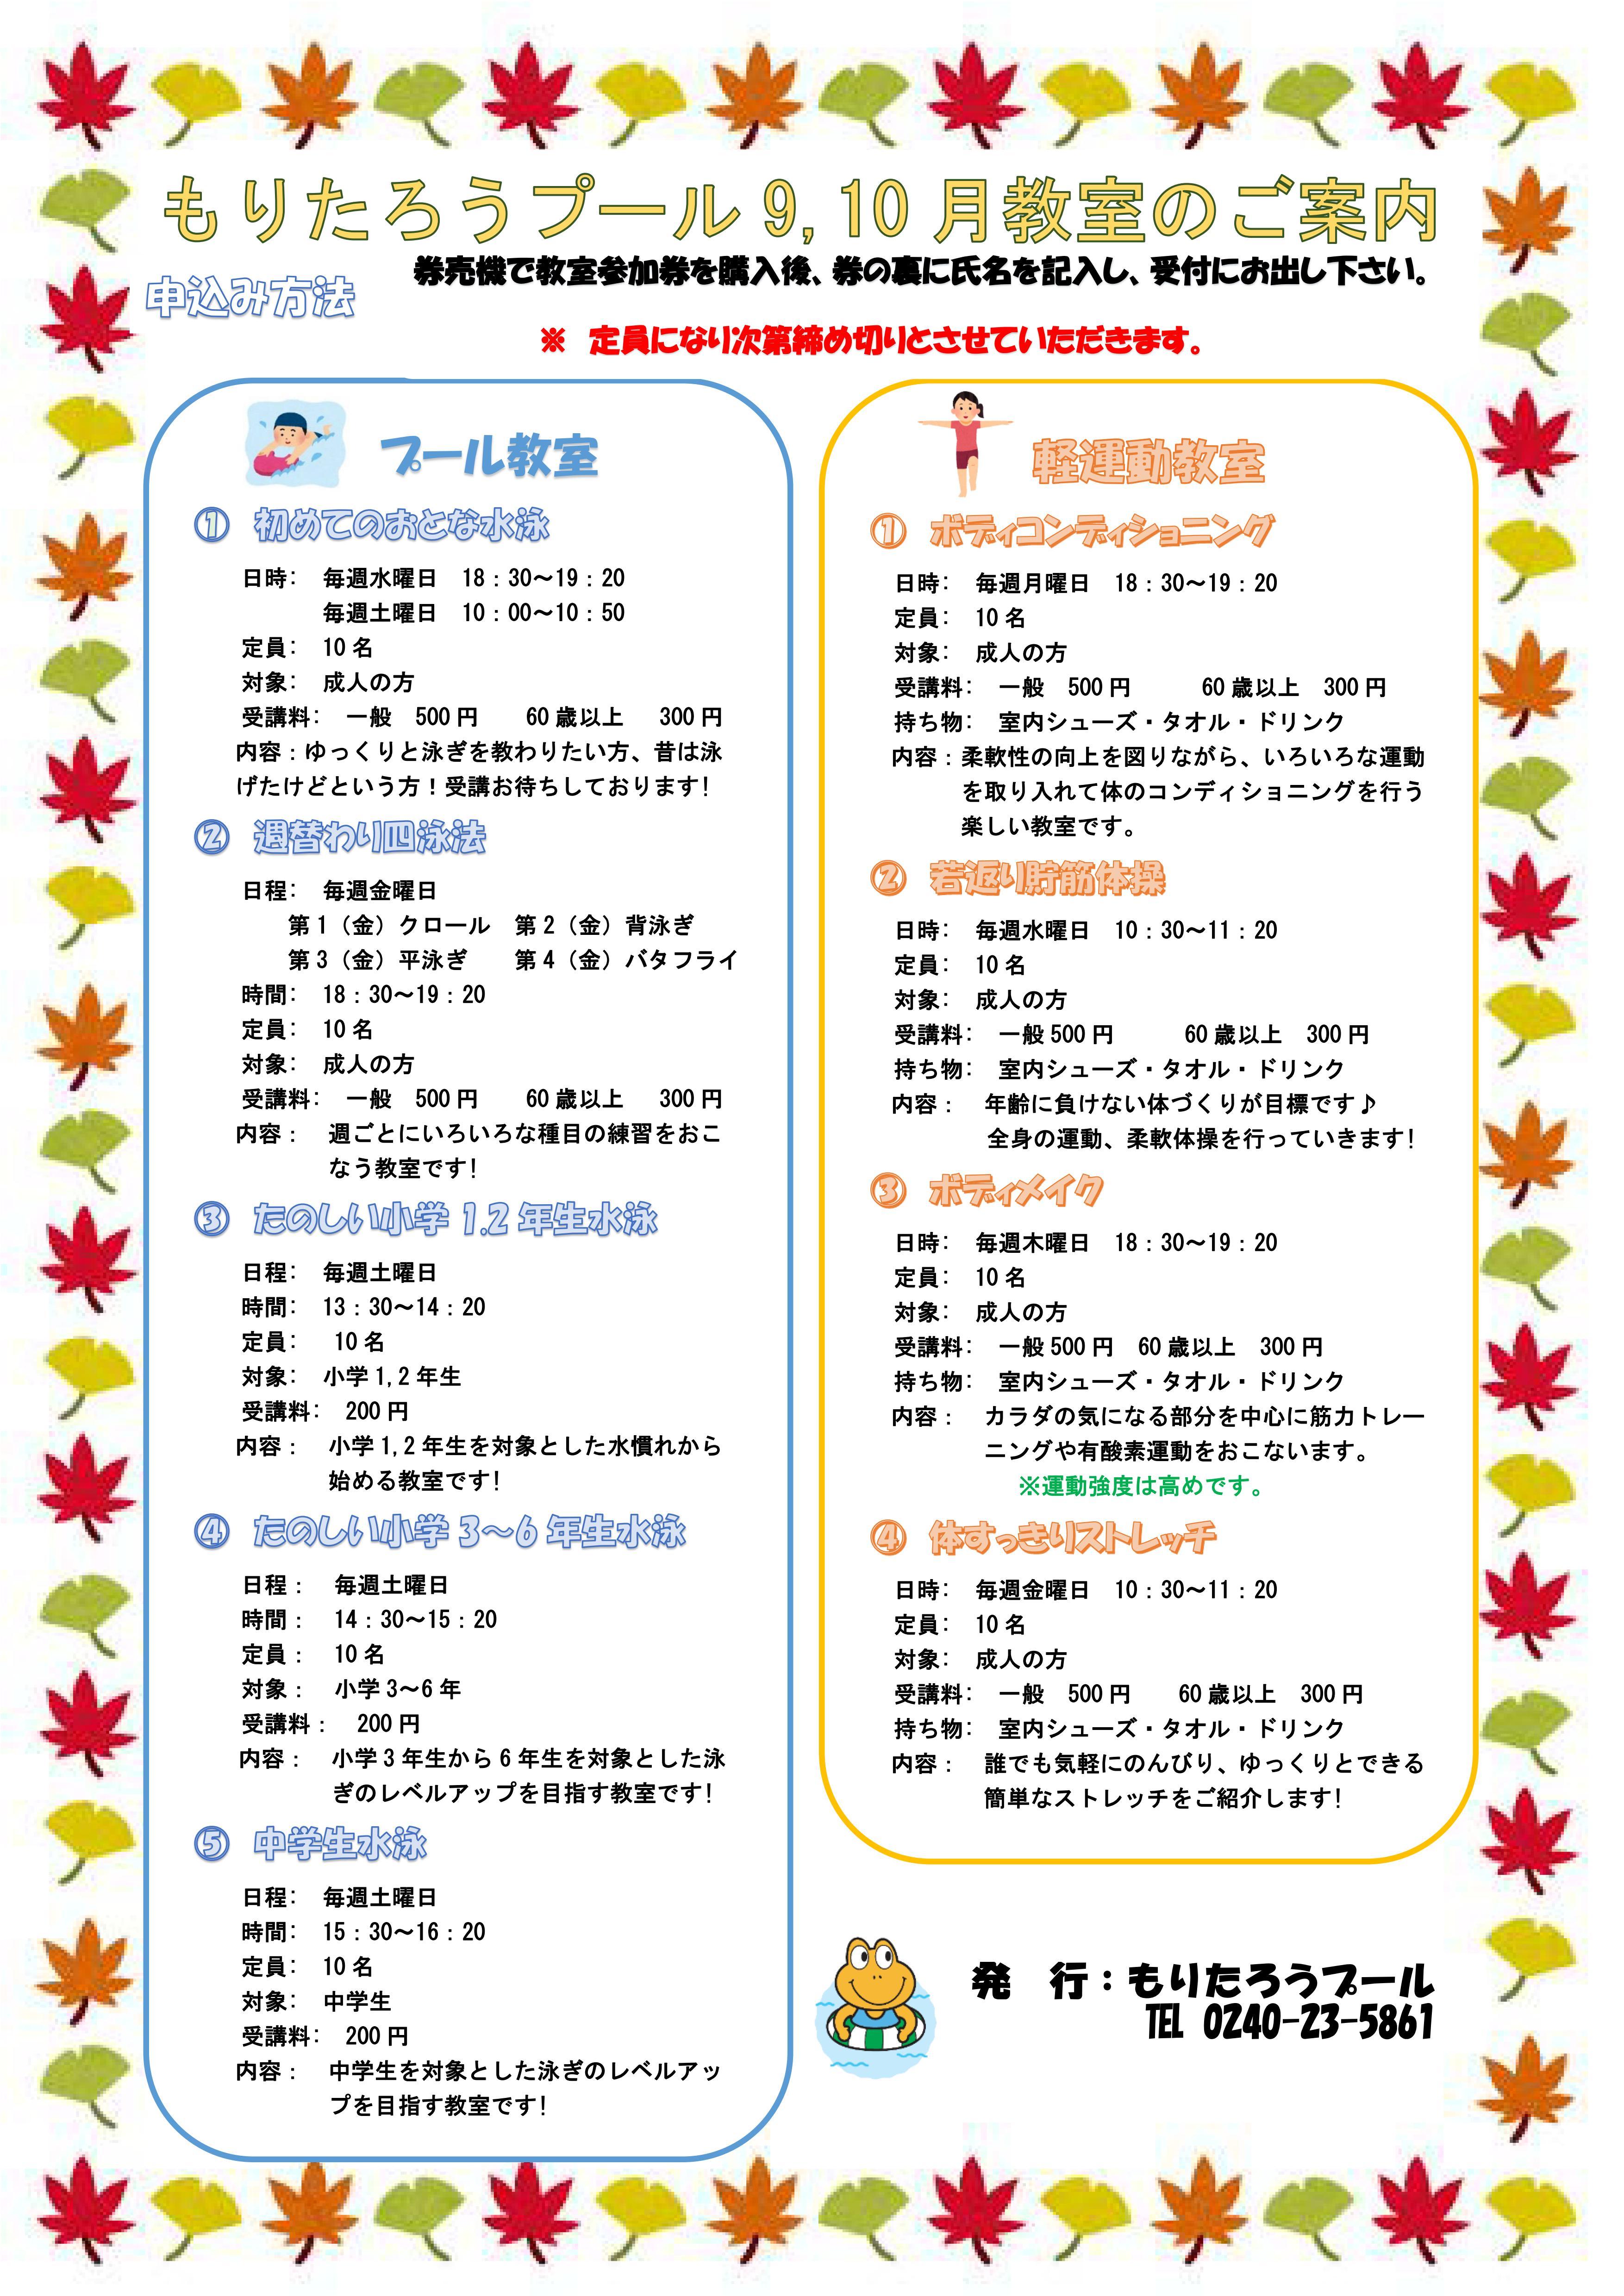 らくらくアクアウォーキング・リズムアクア・ボディコンディショニング(2018年9,10月) @ 川内村室内型村民プール(もりたろうプール) | 川内村 | 福島県 | 日本